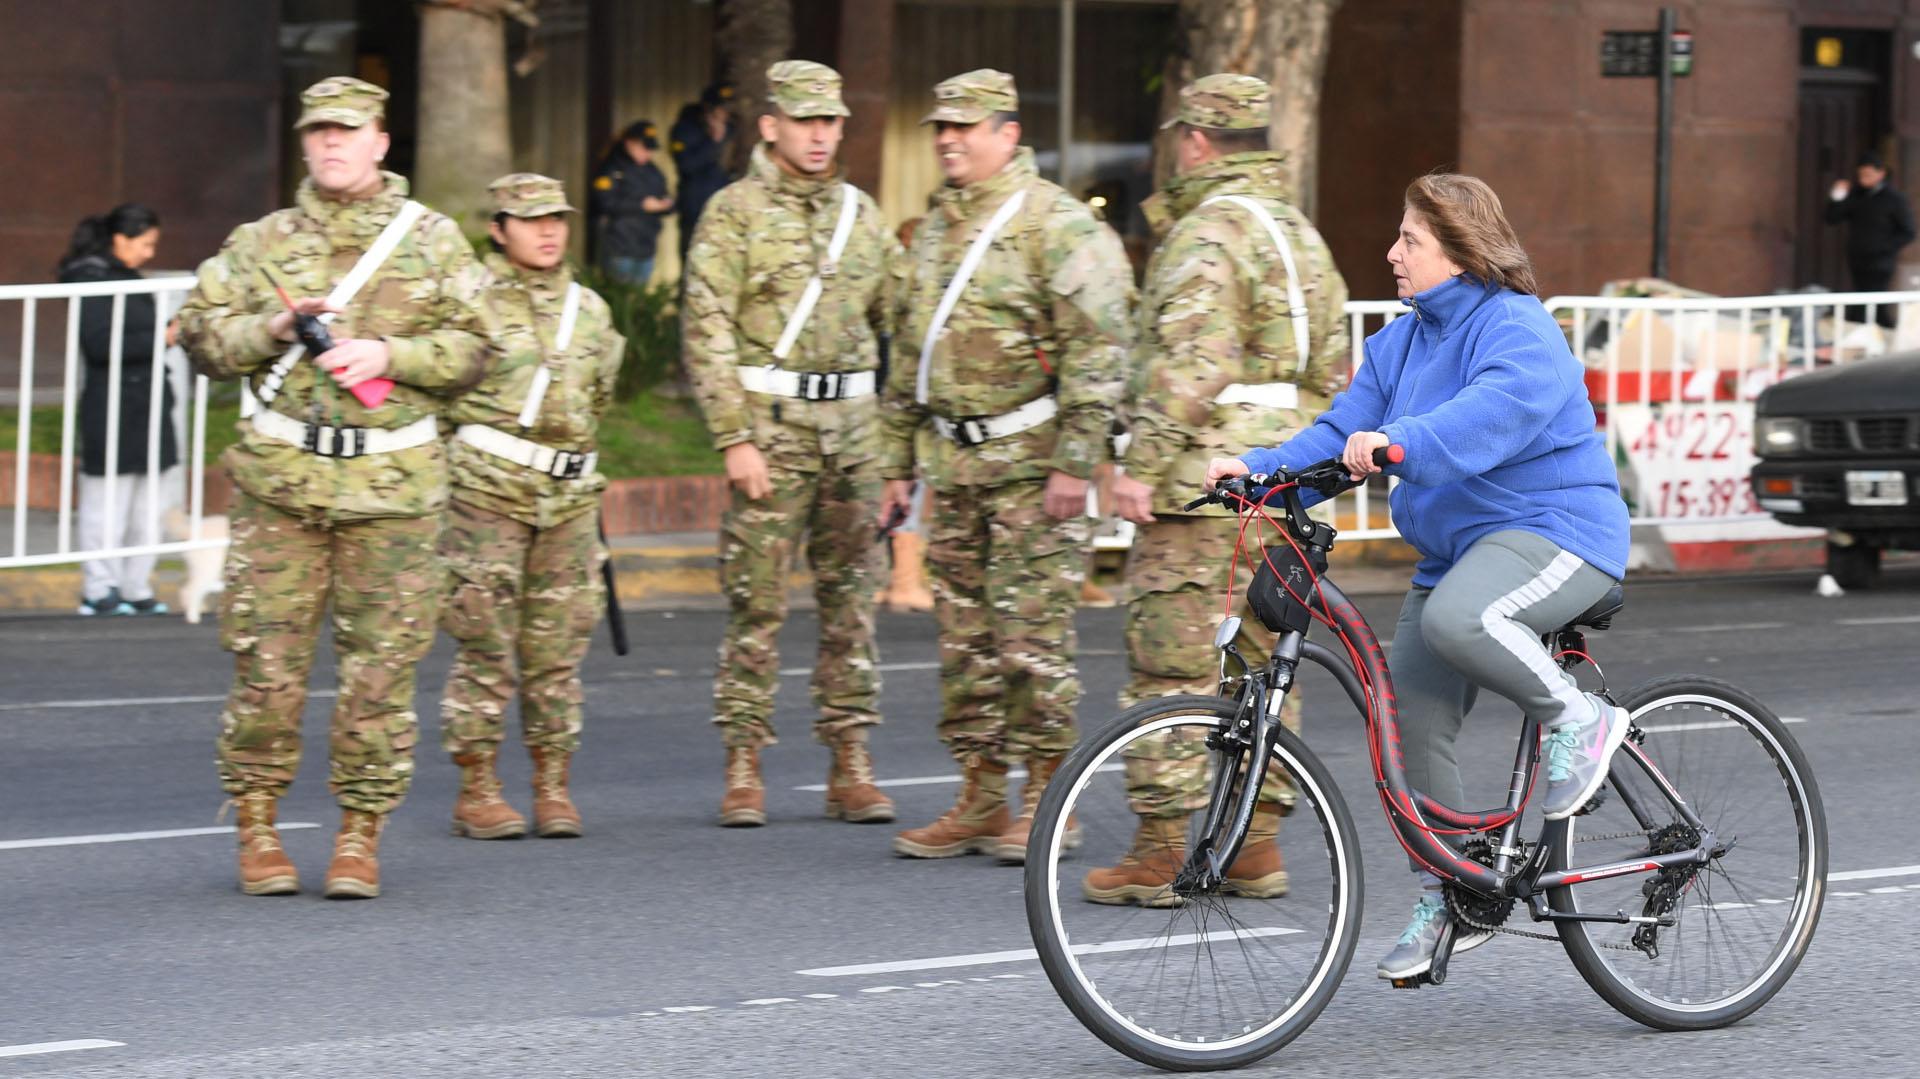 Las personas que estaban con bicicletas pudieron transitar sin problemas